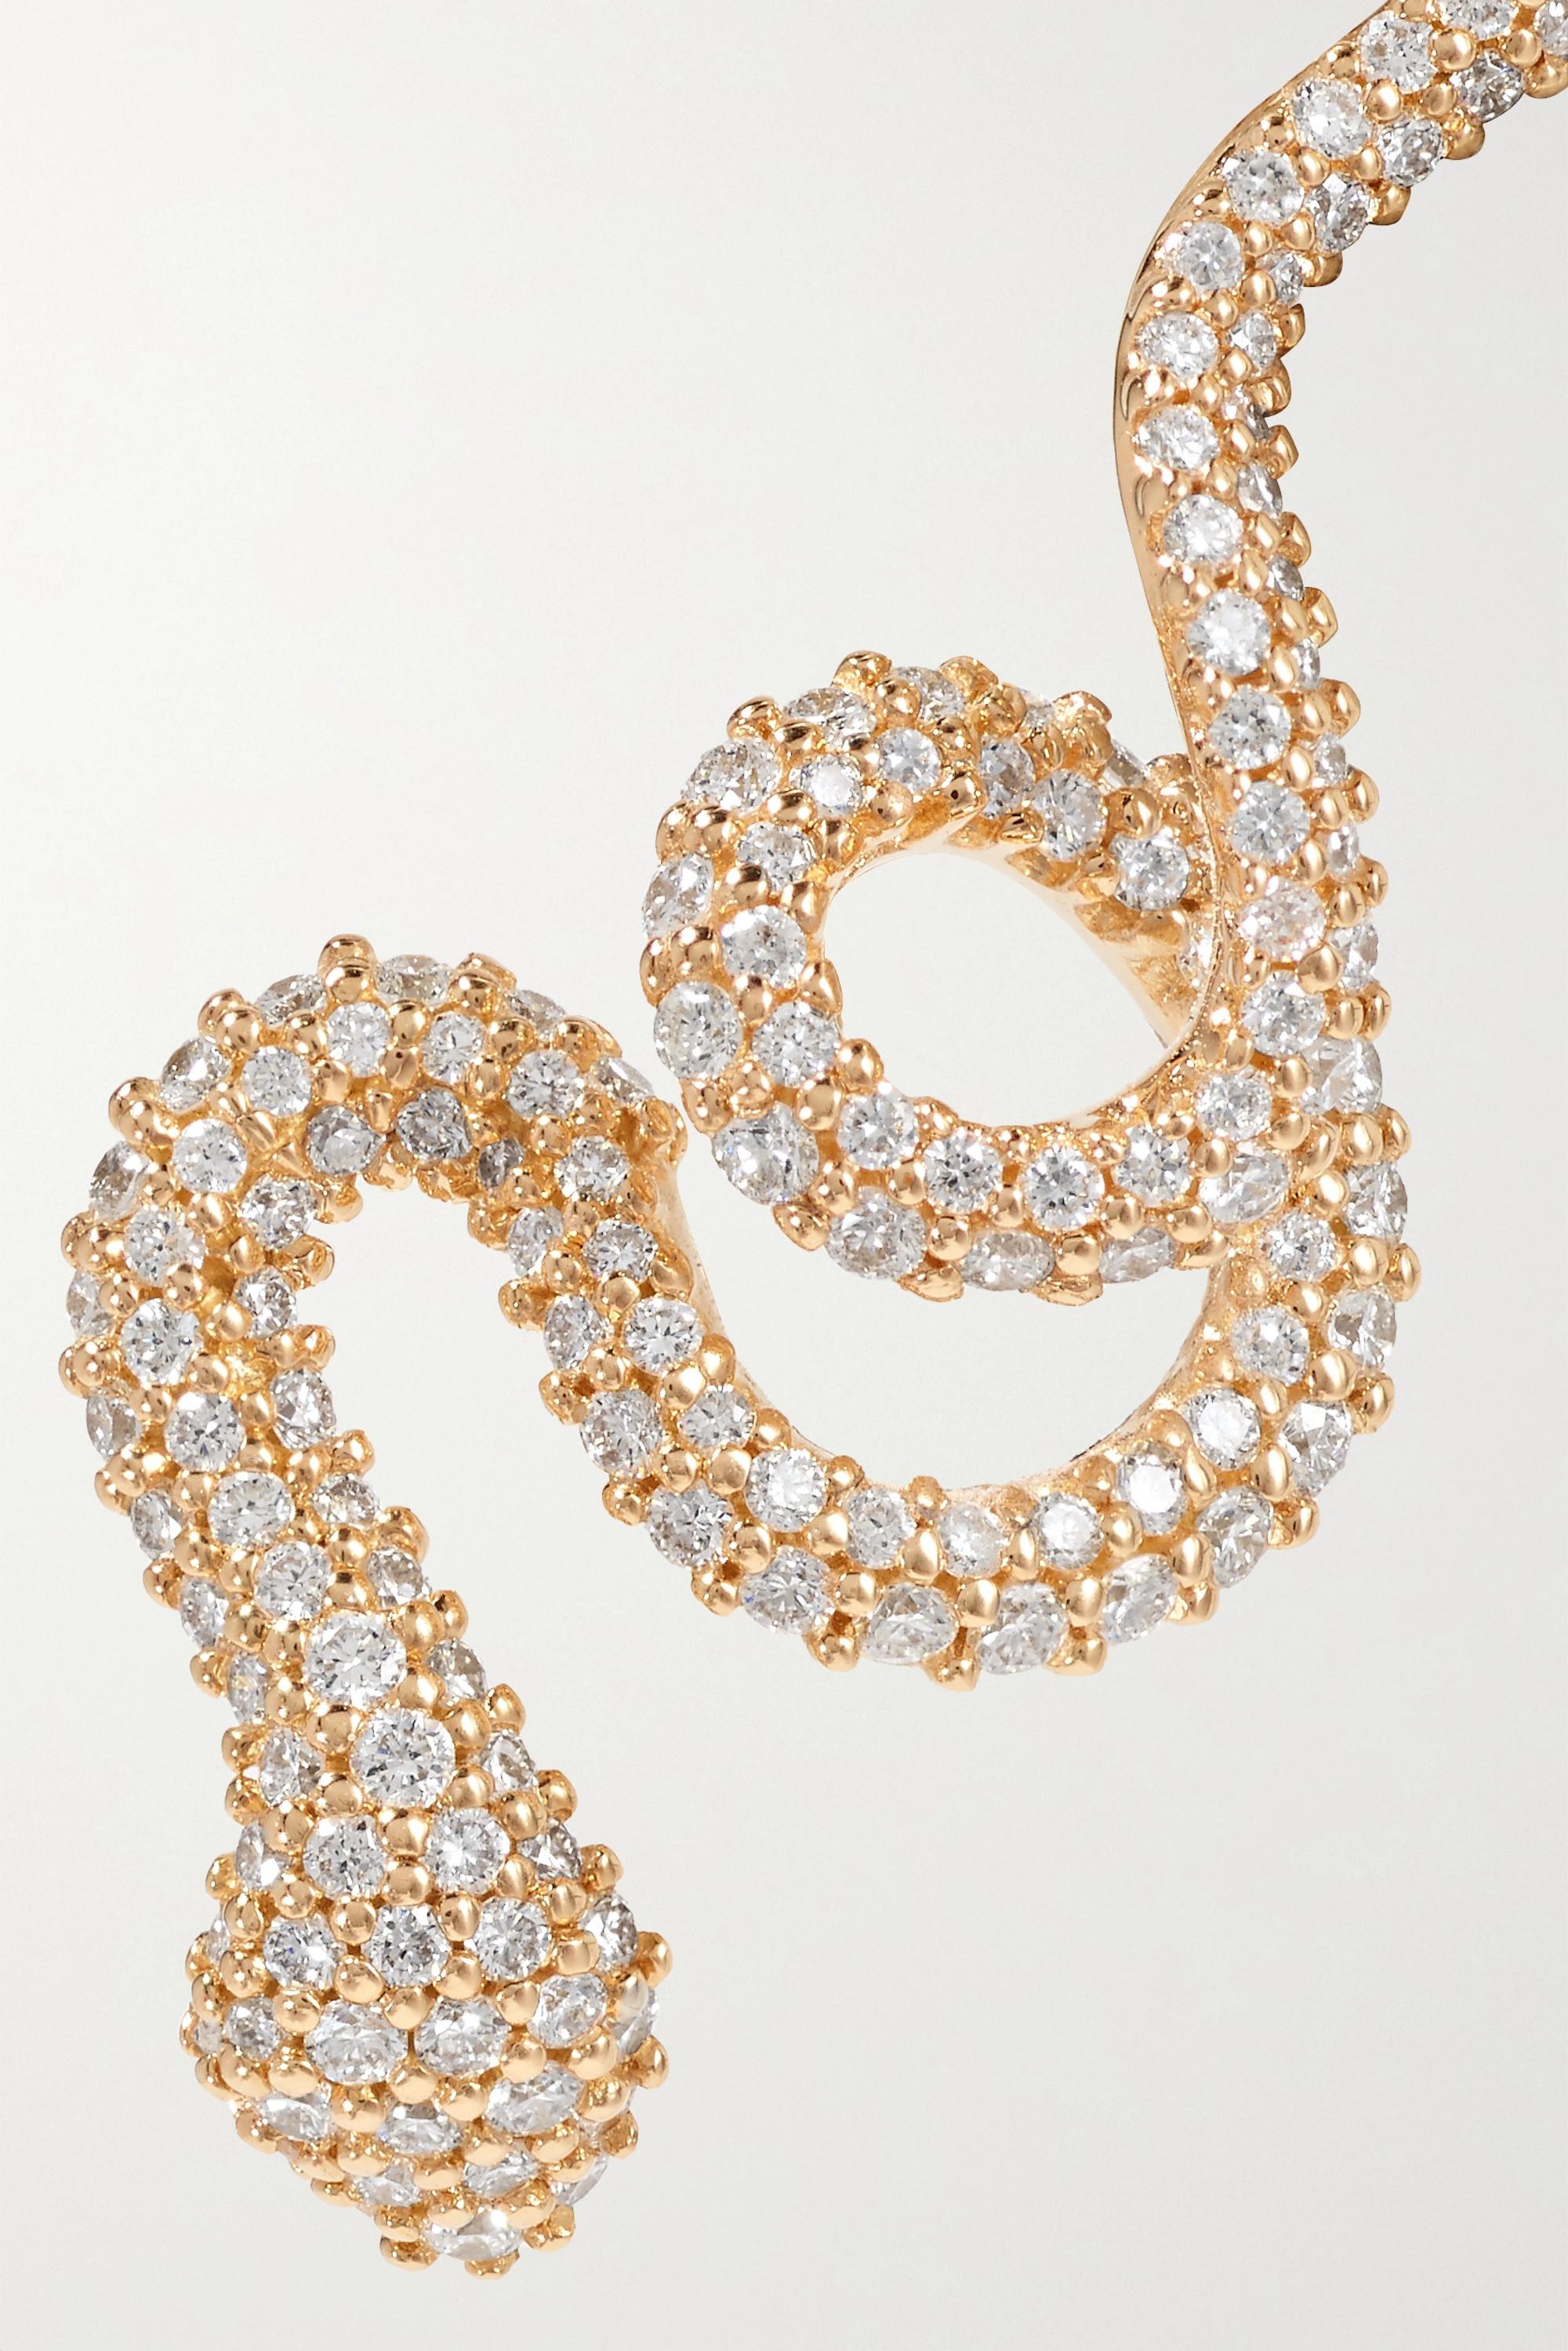 OLE LYNGGAARD COPENHAGEN Boucle d'oreille unique en or 18 carats (750/1000) et diamants Snake